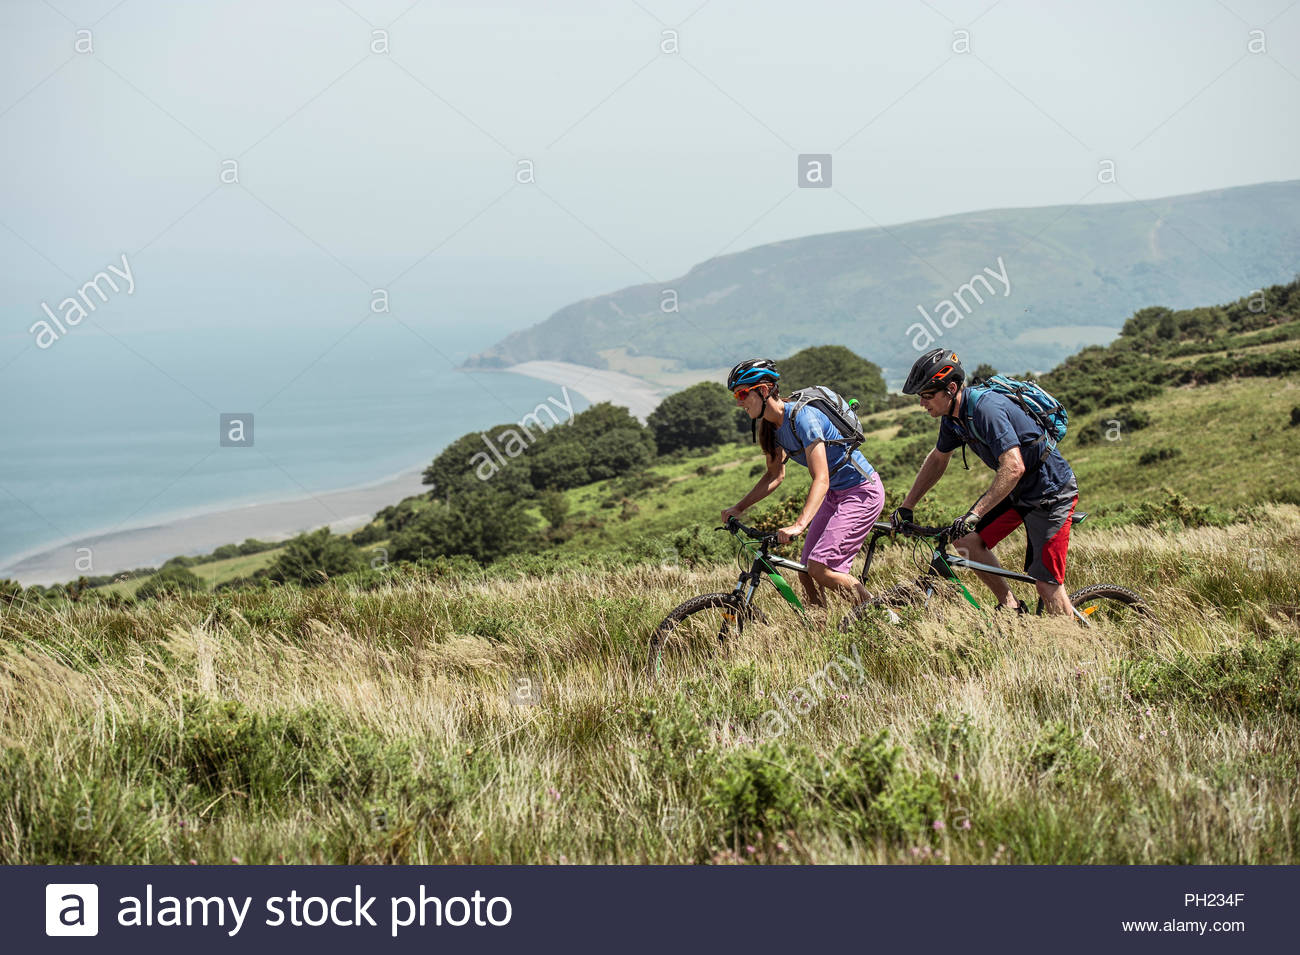 Par el ciclismo de montaña en la colina de Porlock Weir, Inglaterra Imagen De Stock